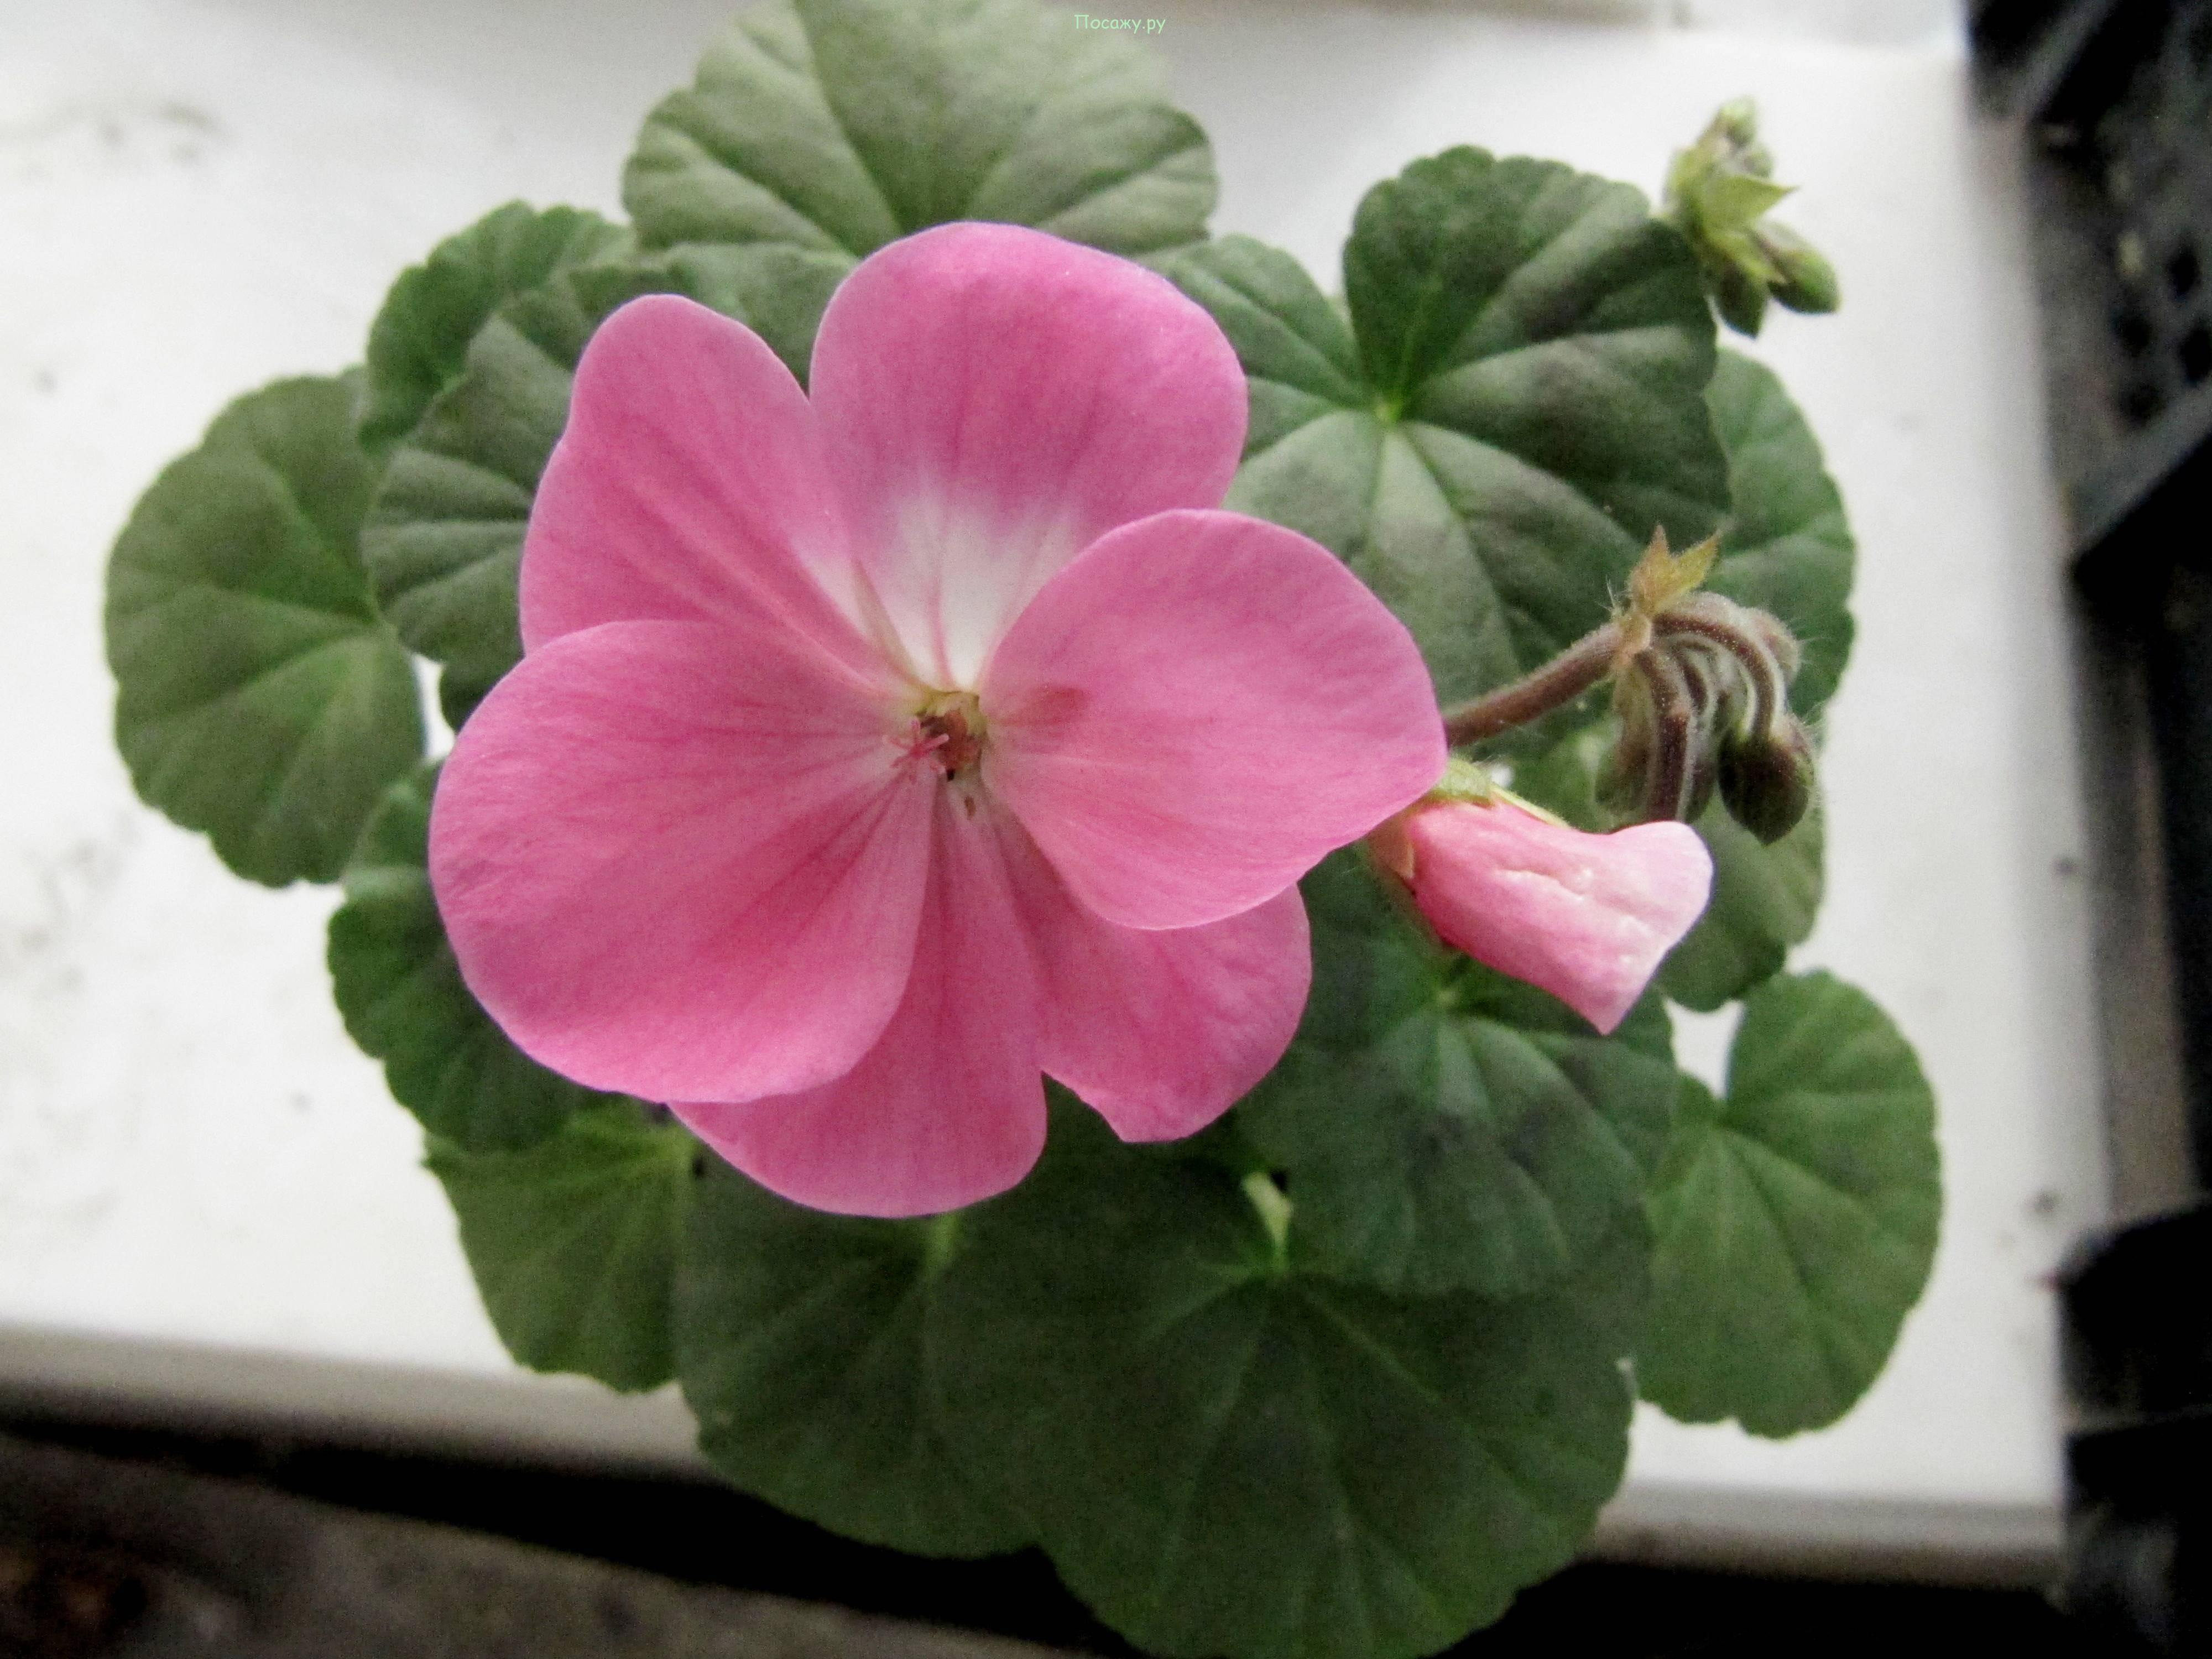 Всё о семенах пеларгонии: как посадить и вырастить в домашних условиях пошагово?